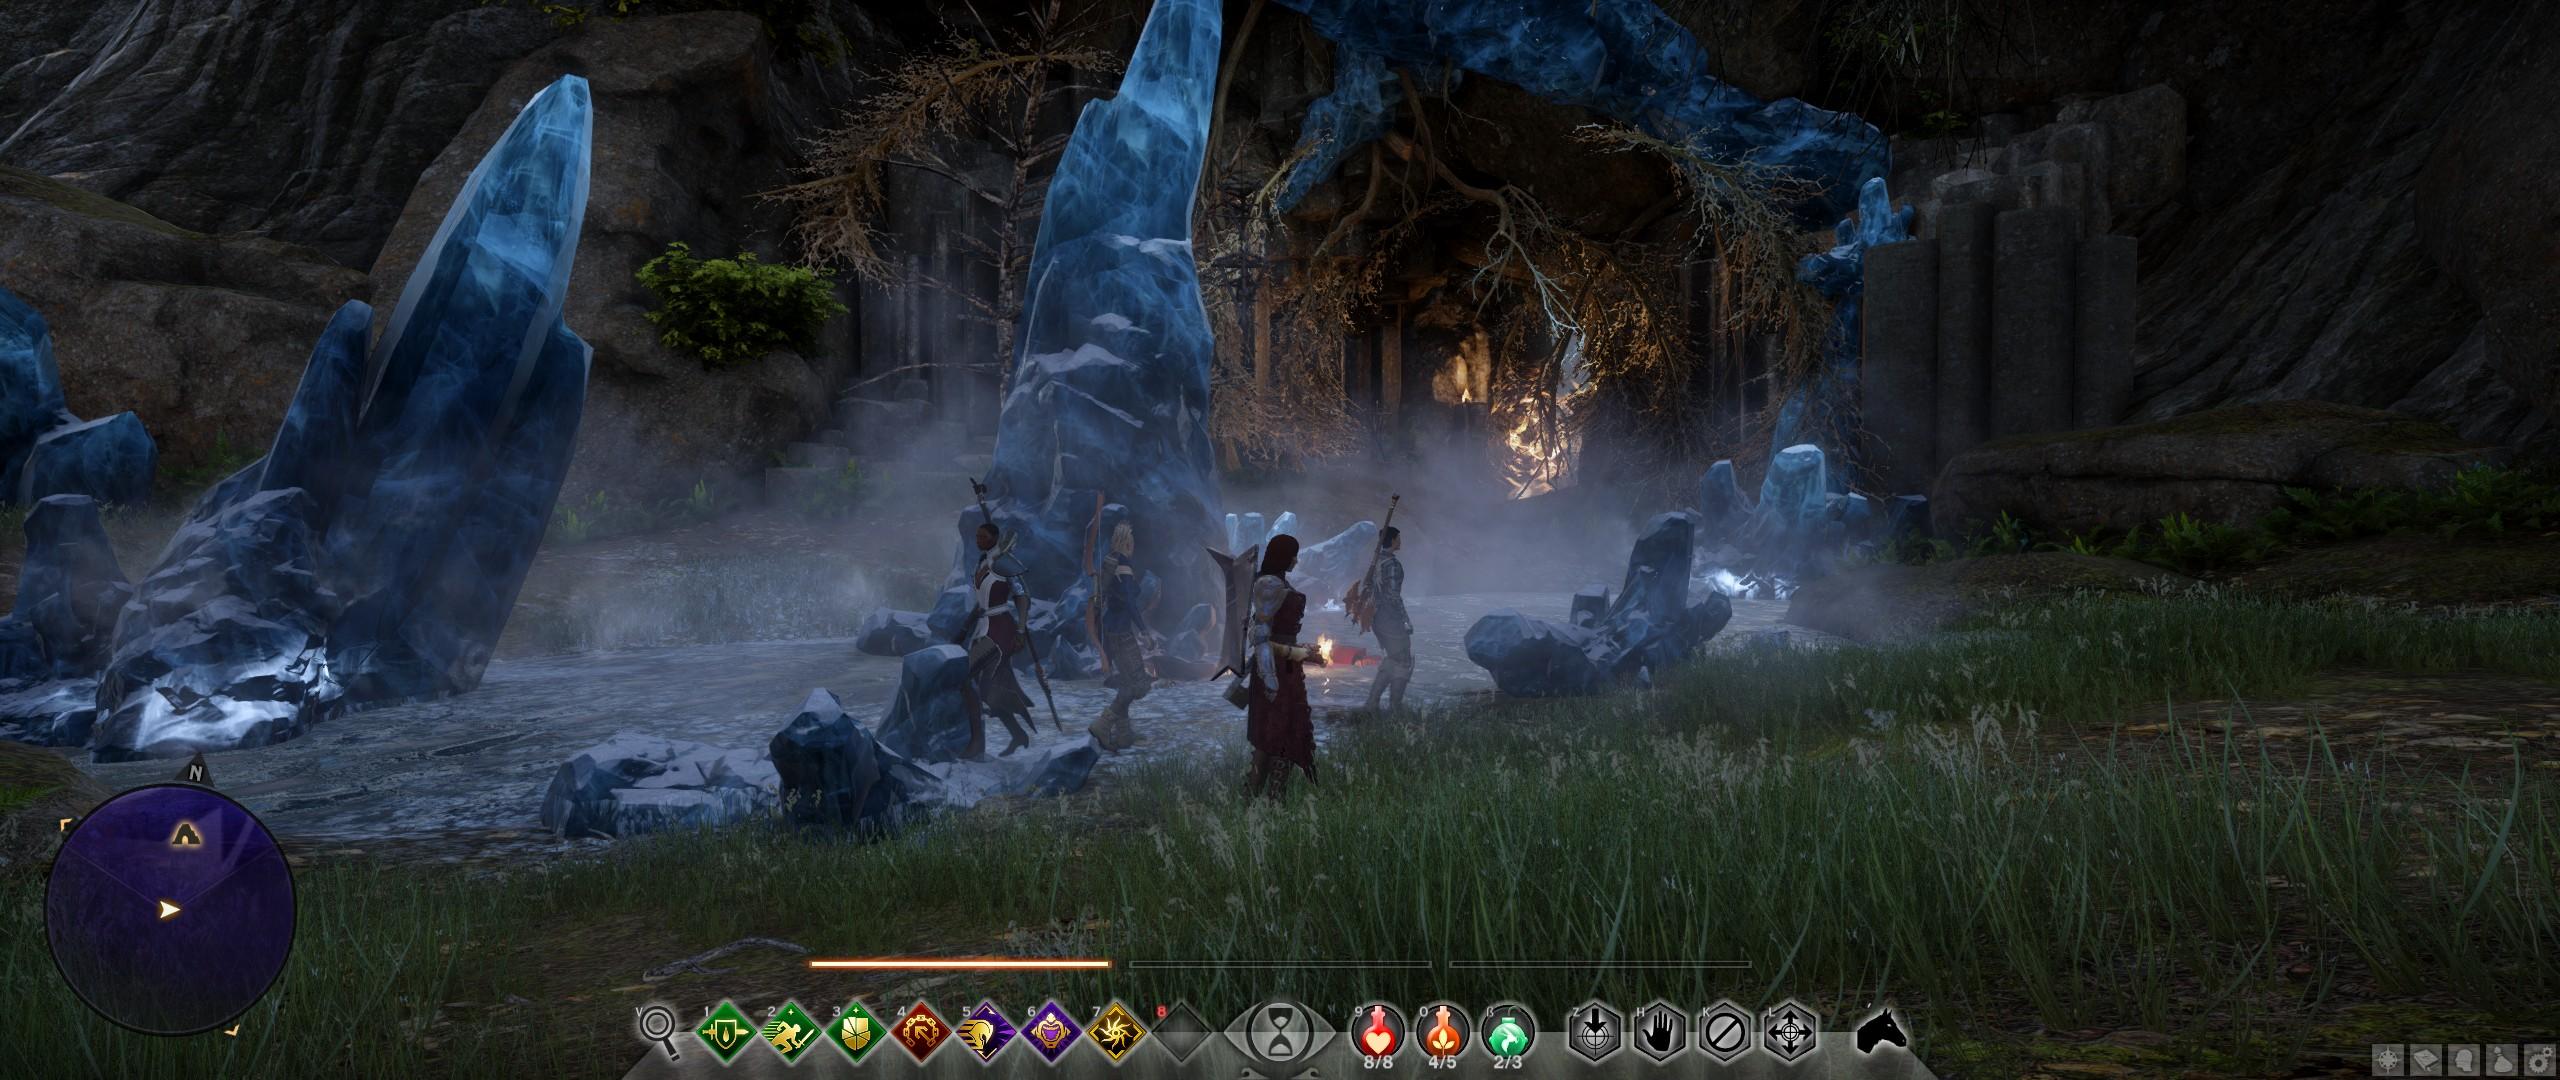 ScreenshotWin32_0075_Final